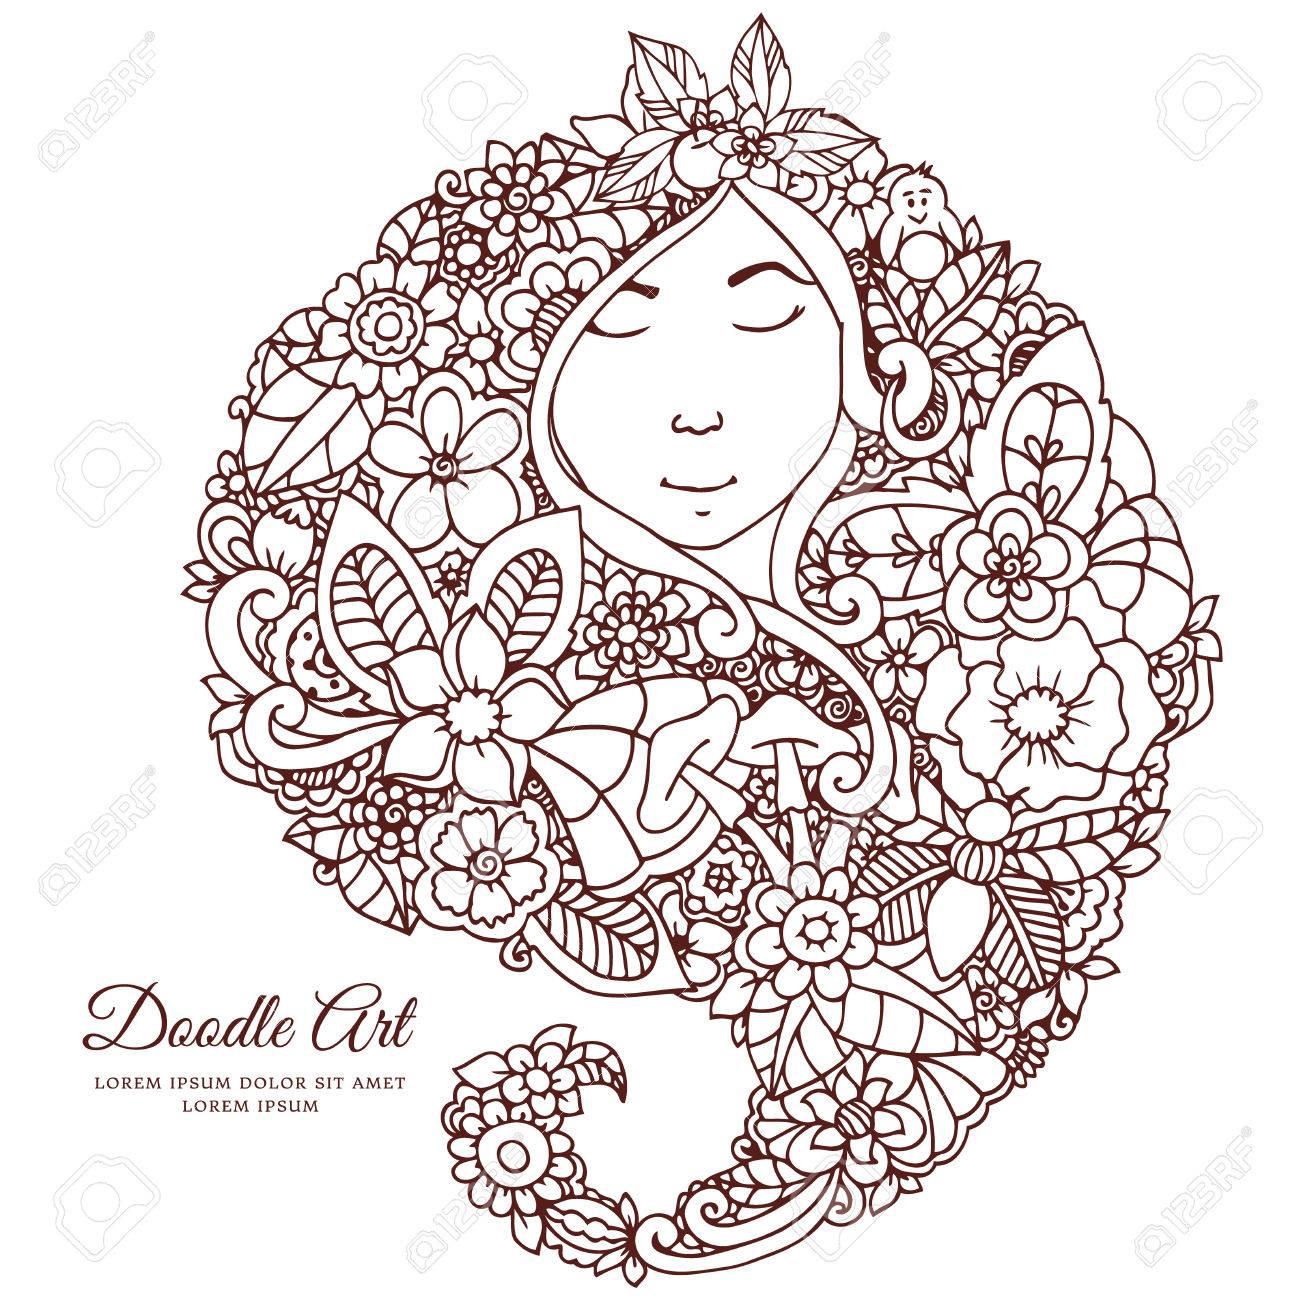 Ilustración Vectorial Chica Zentangl Con Flores En El Pelo. Dibujo A ...